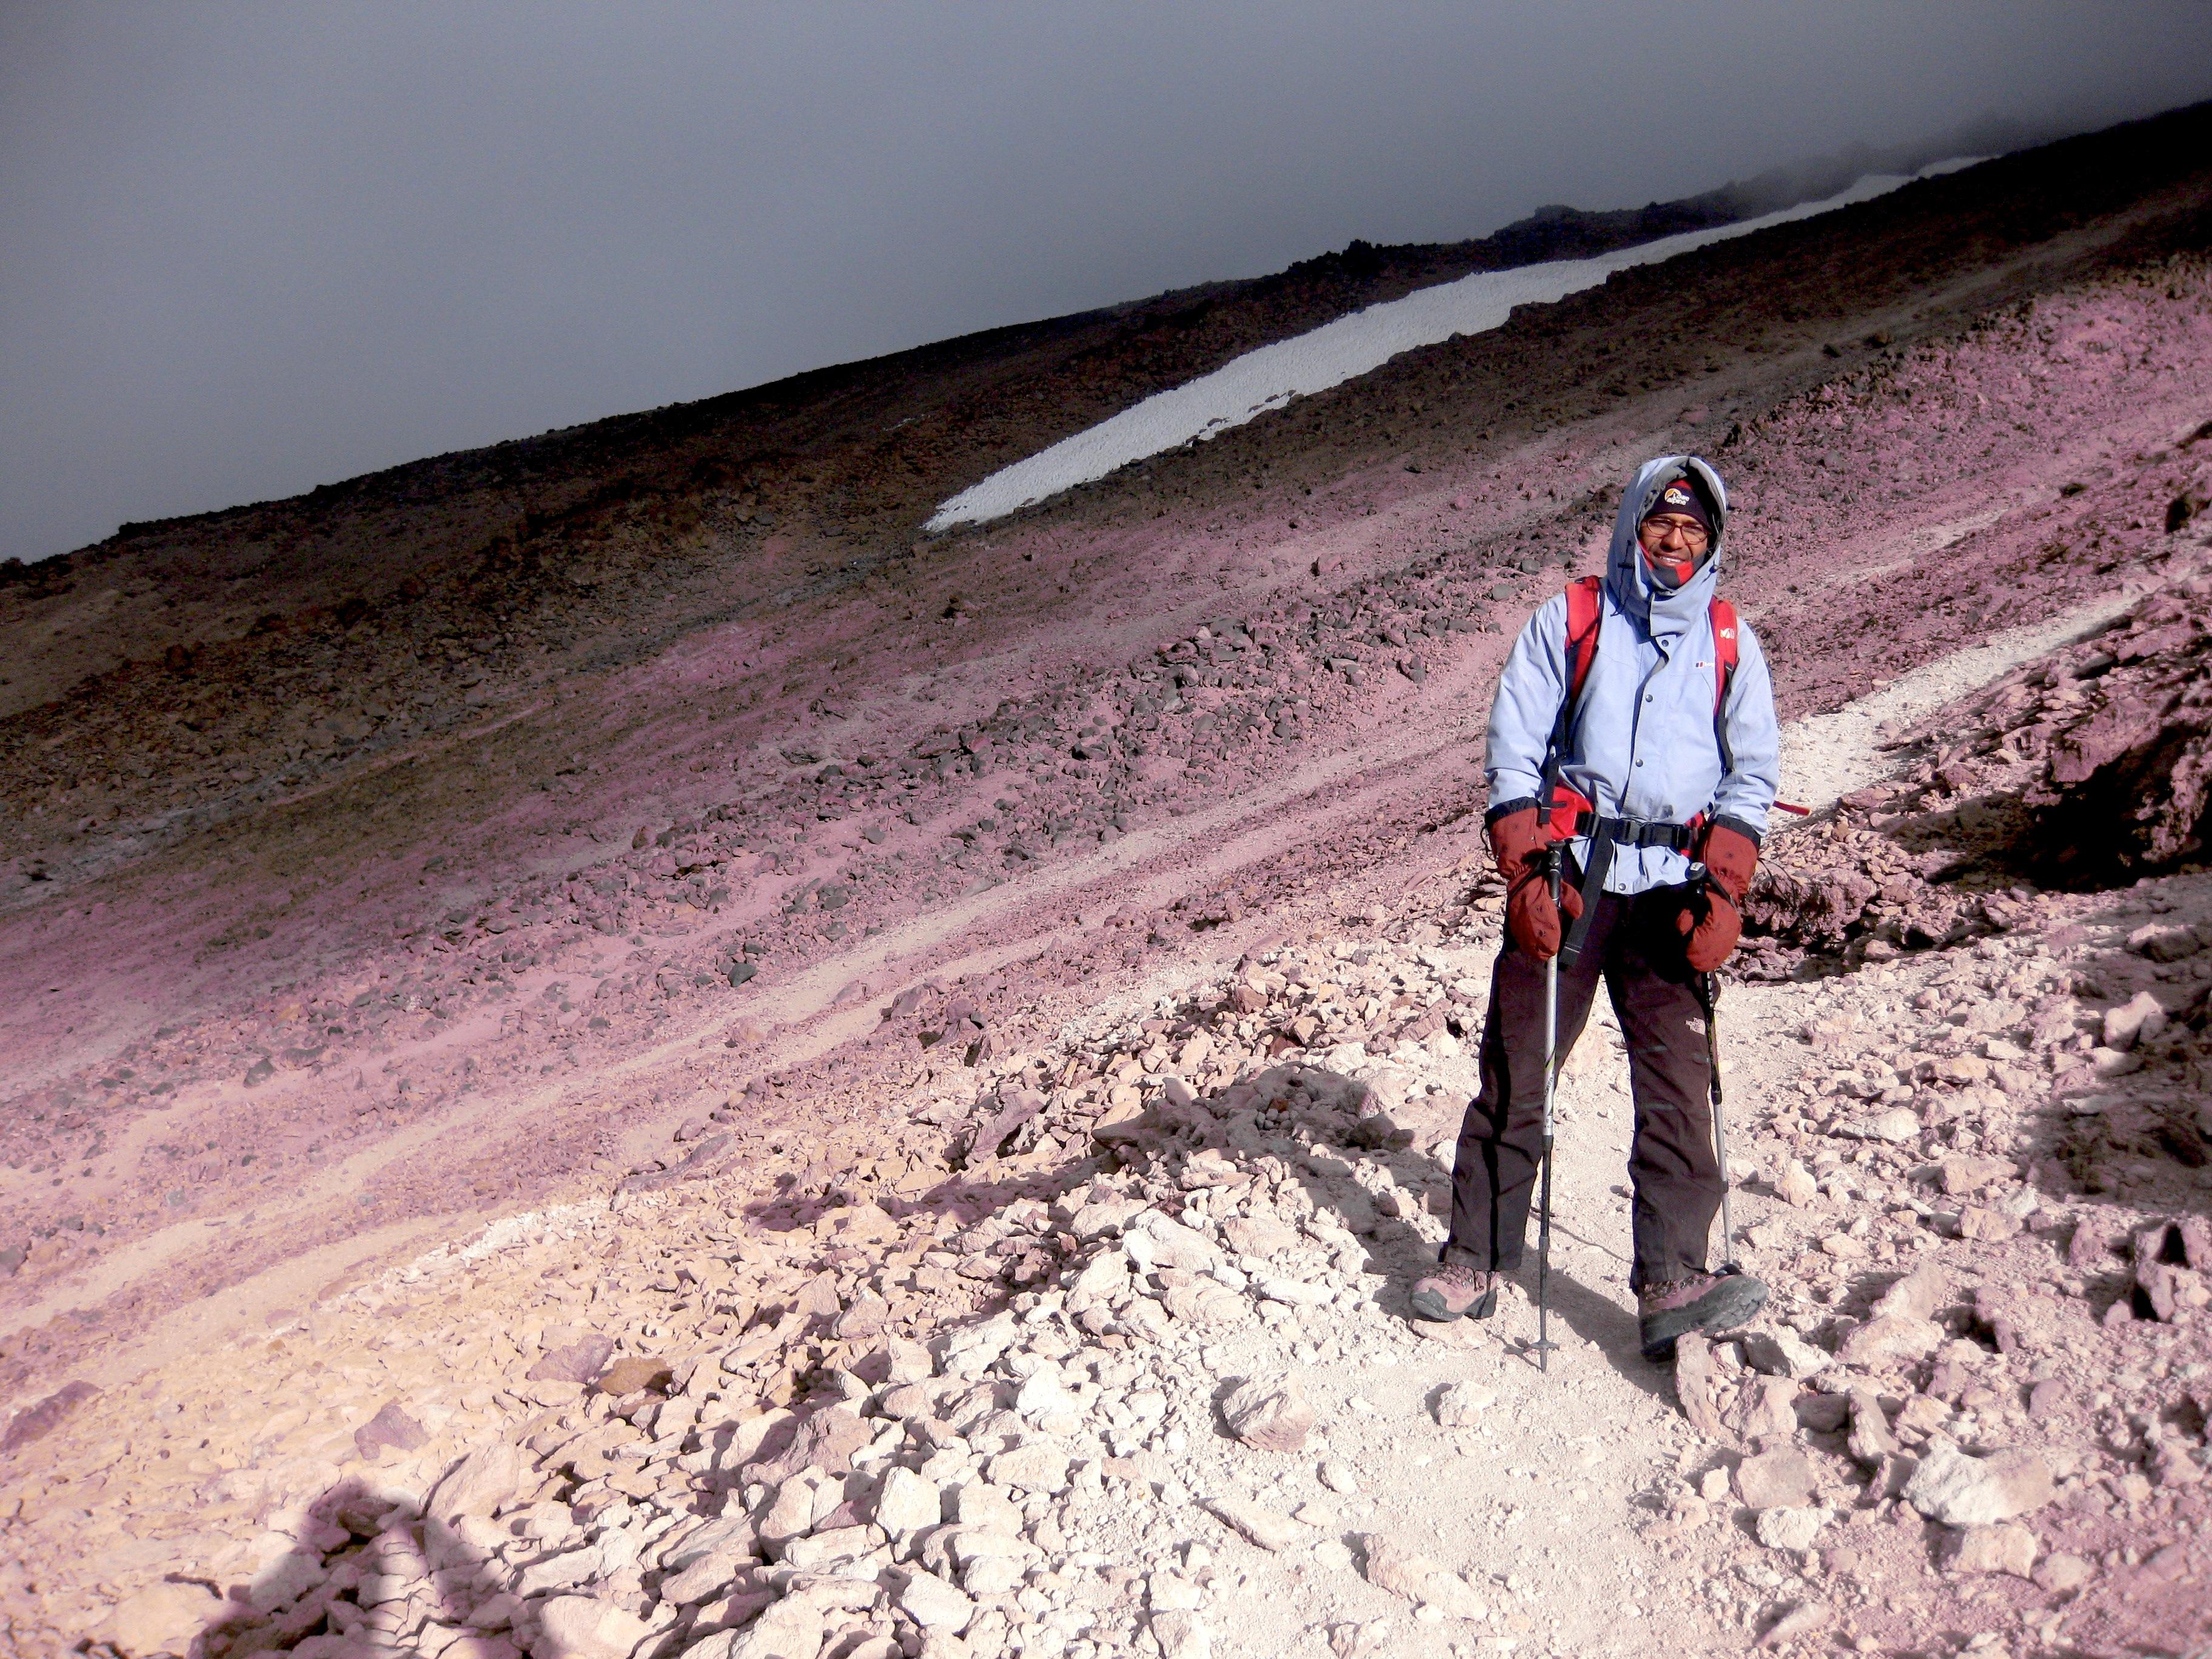 Farhad au Damavand, guide de montagne iranien originaire d'Alamut.